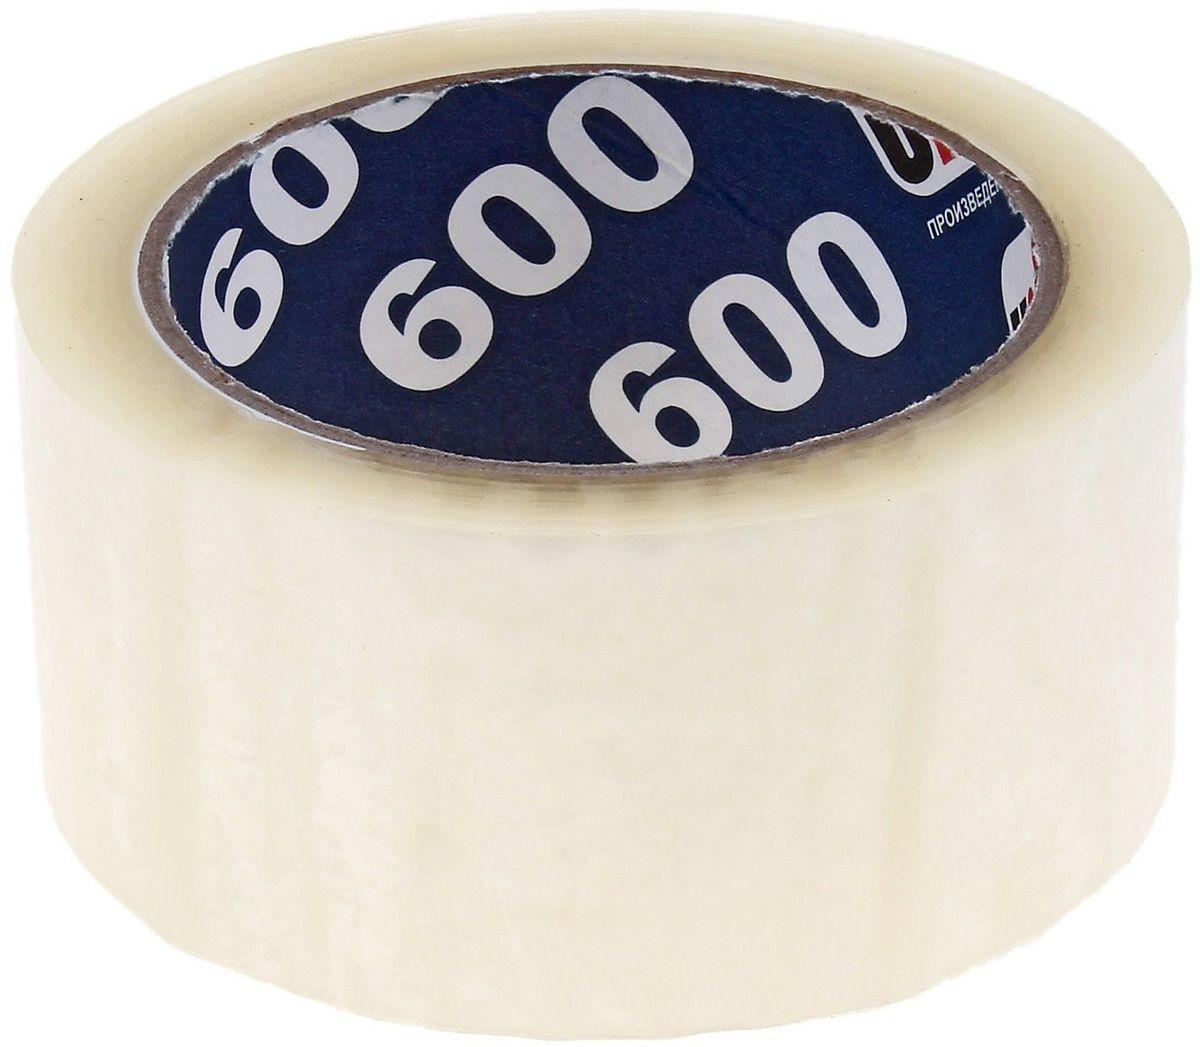 Unibob Клейкая лента 48 мм х 66 м цвет прозрачный 691932691932Клейкая лента Unibob на полипропиленовой основе - это водонепроницаемое изделие, которое способно противостоять широкому диапазону температур. Применяется в быту для упаковки легких и тяжелых коробок, изготовленных из гофрокартона, строительных смесей, масложировой продукции и мороженого, канцелярских товаров, промышленных товаров.Клейкая лента поможет скрепить предметы в любой ситуации, например, если вы делаете ремонт или меняете место жительства и пакуете коробки.